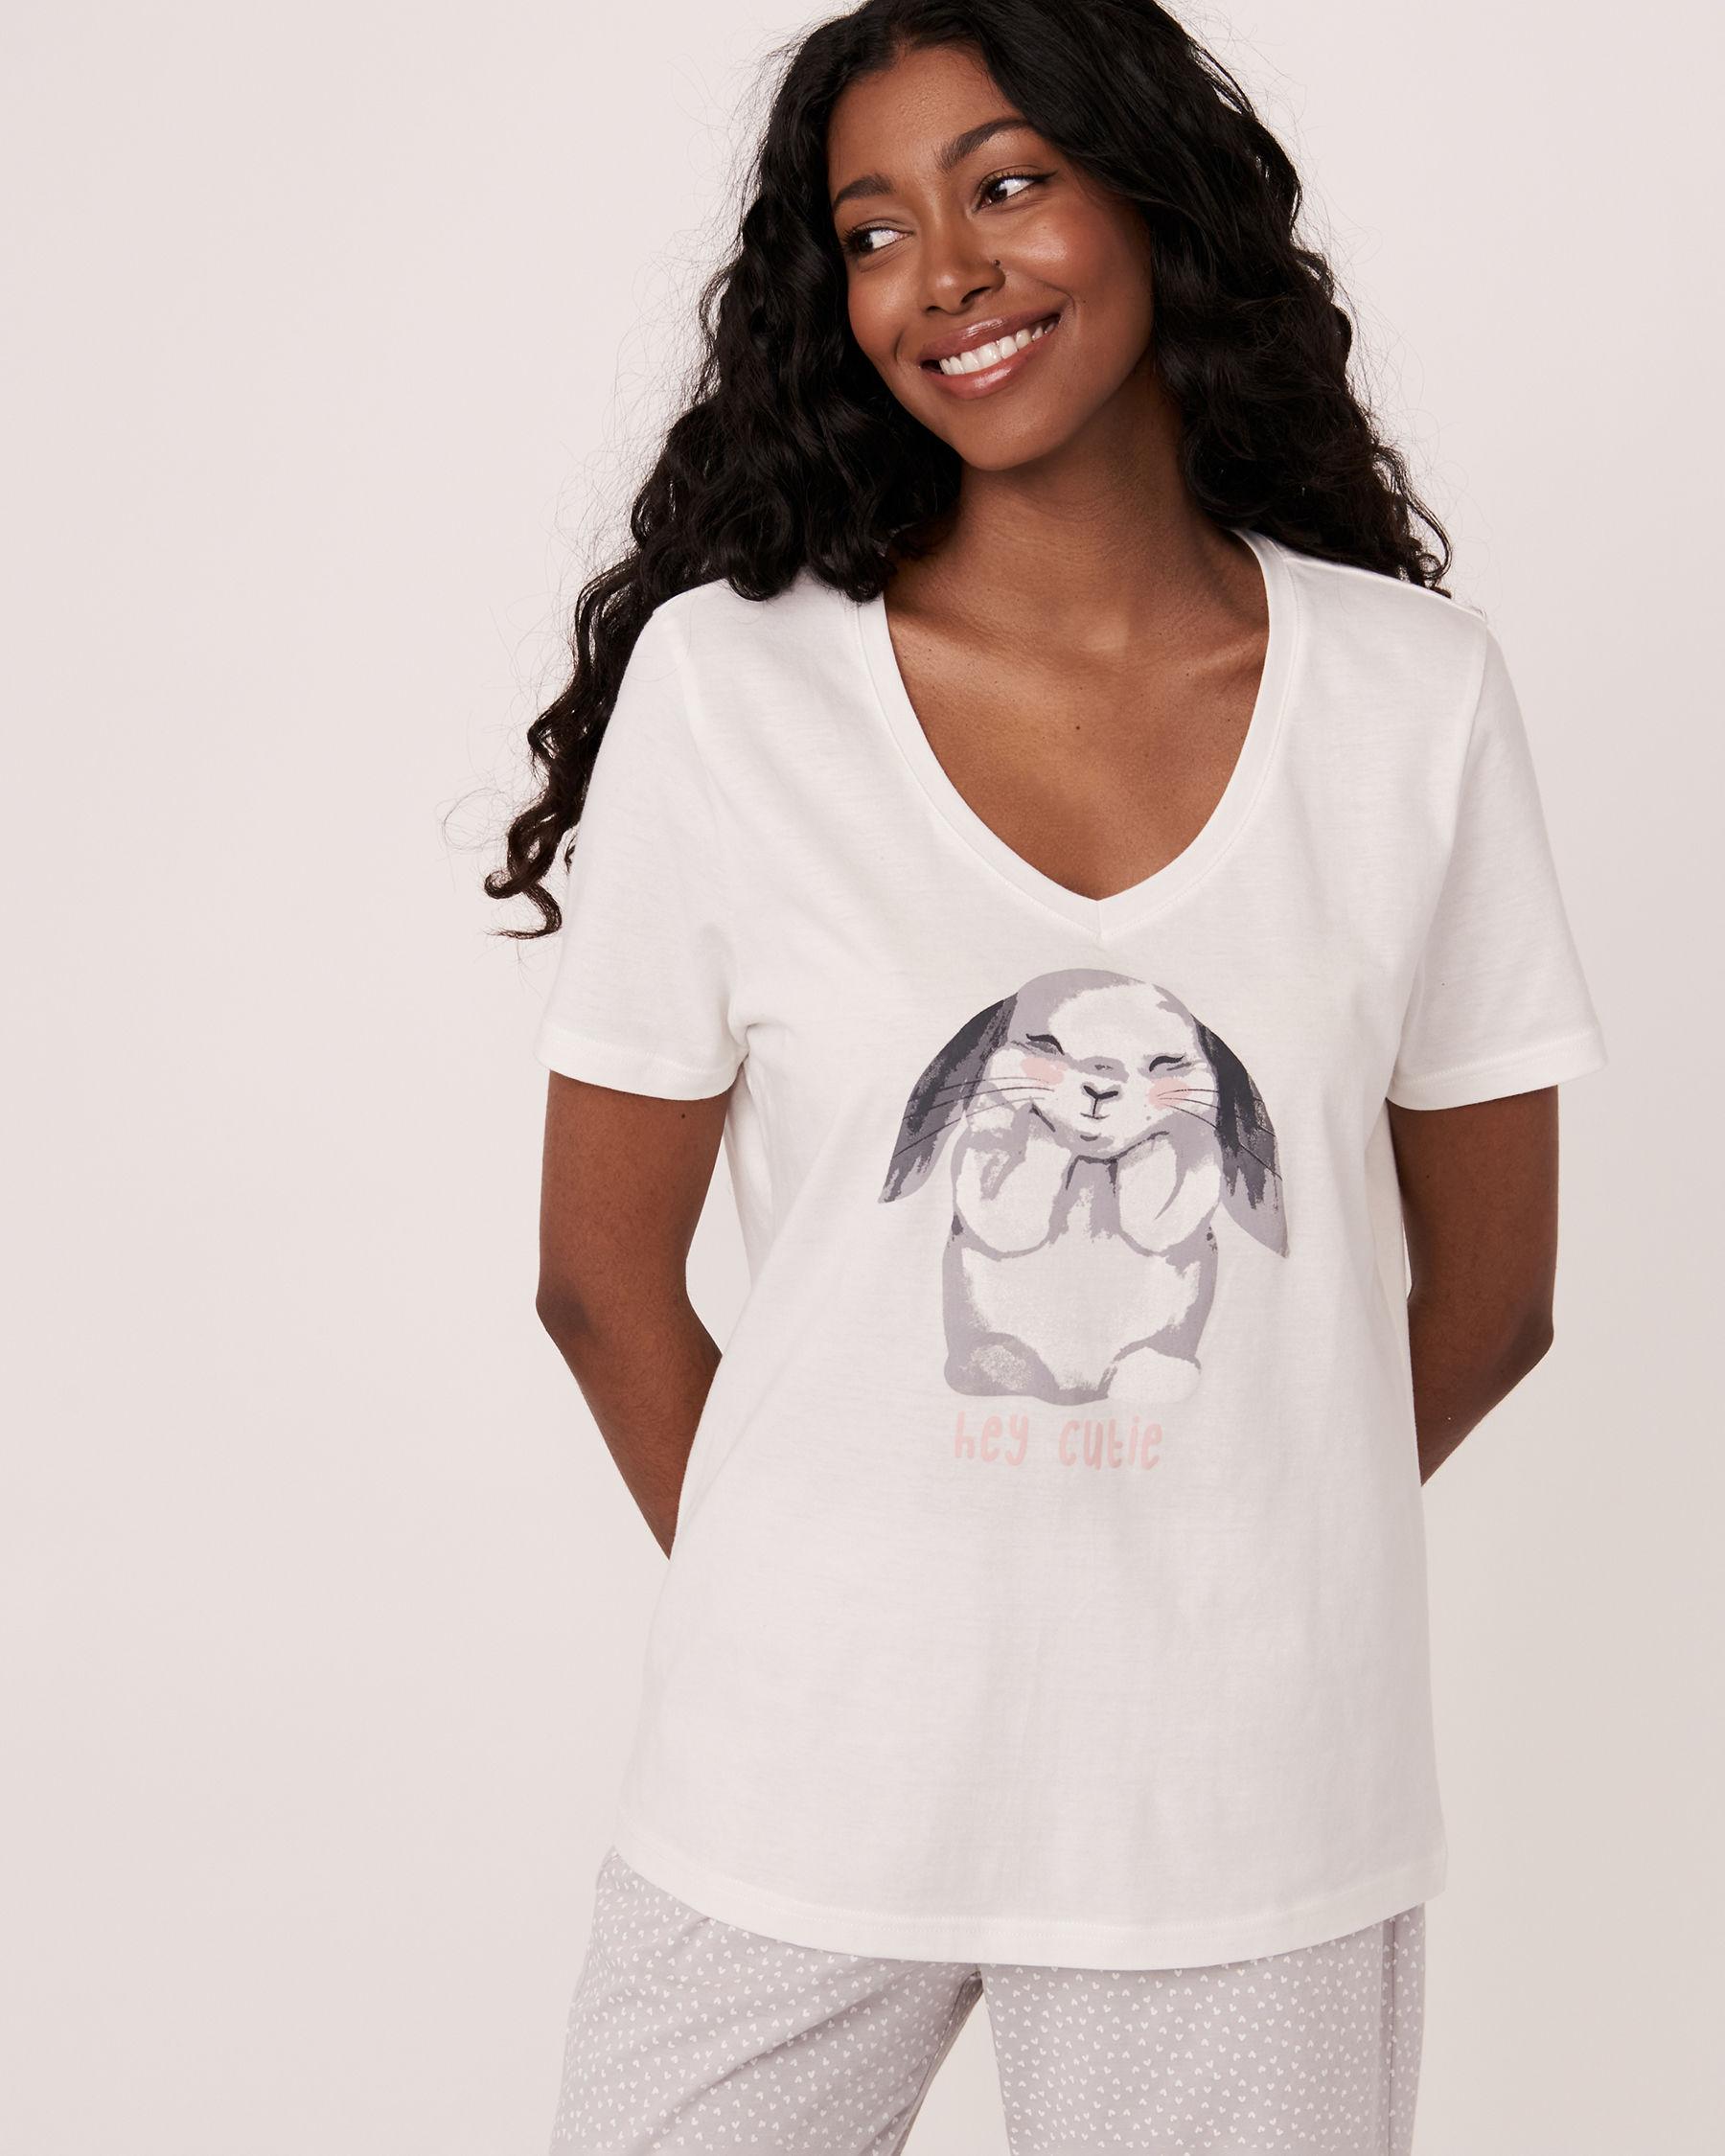 LA VIE EN ROSE V-neckline T-shirt White 40100109 - View1